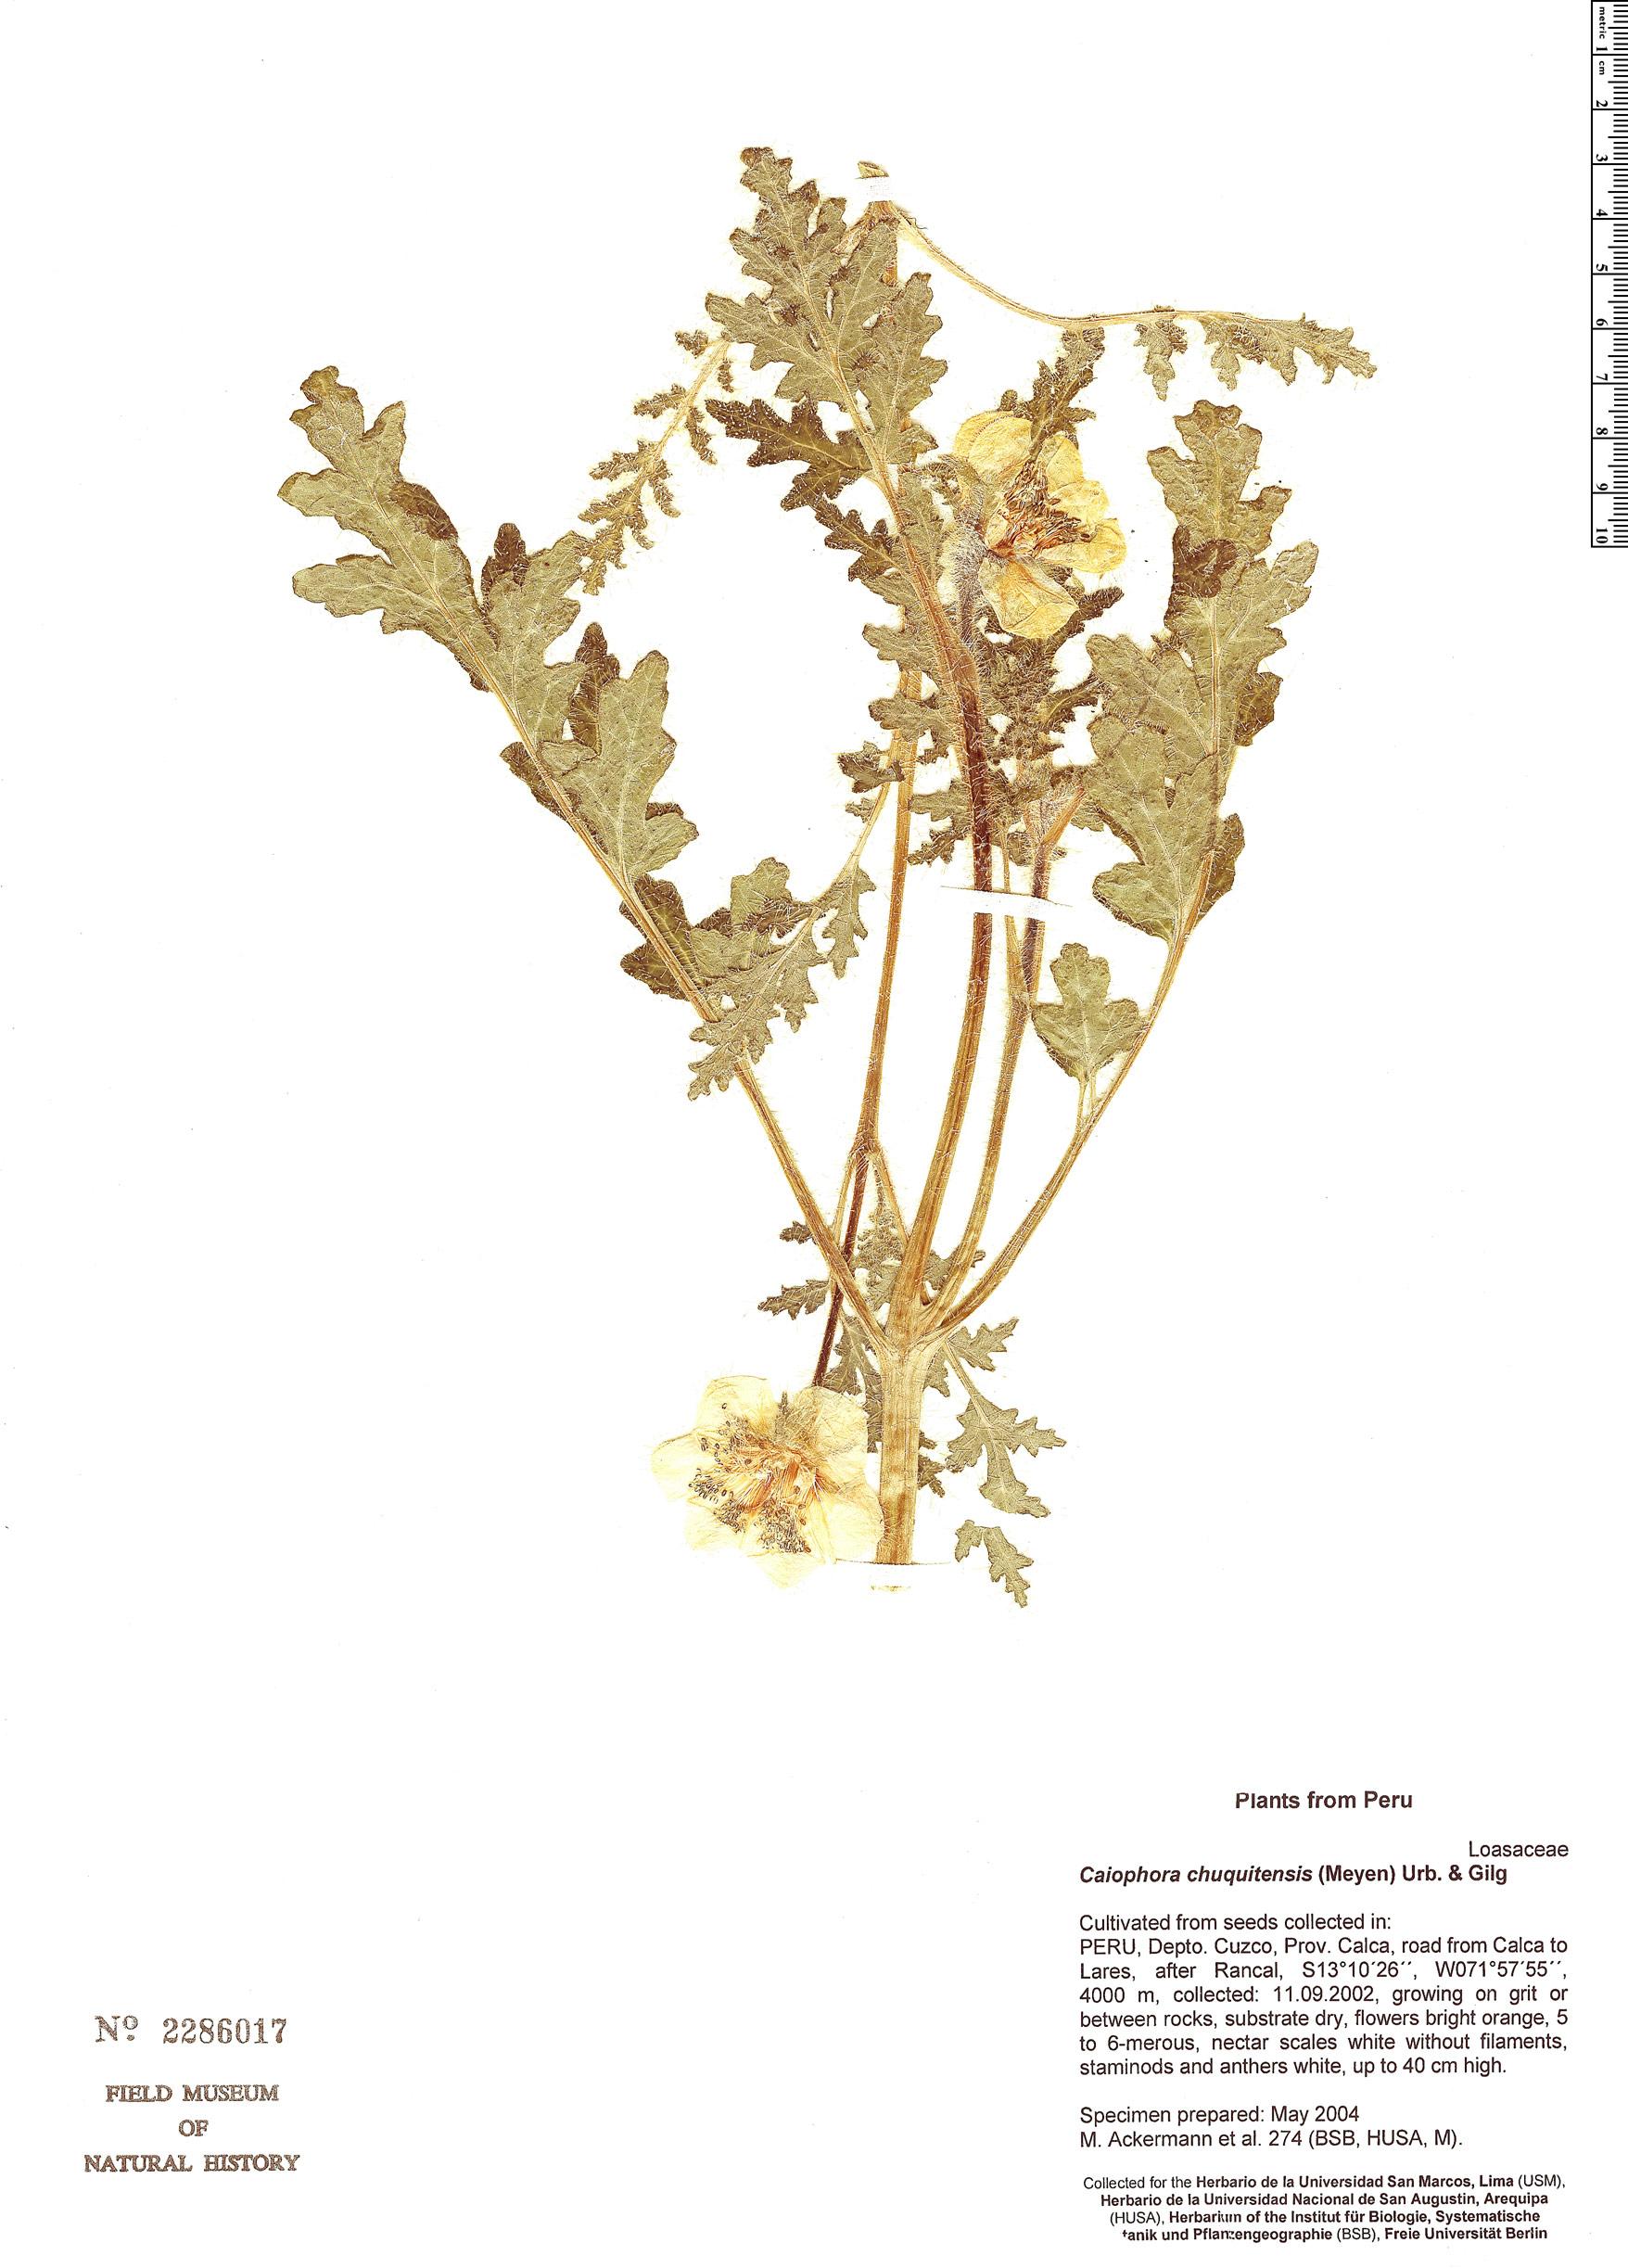 Specimen: Caiophora chuquitensis